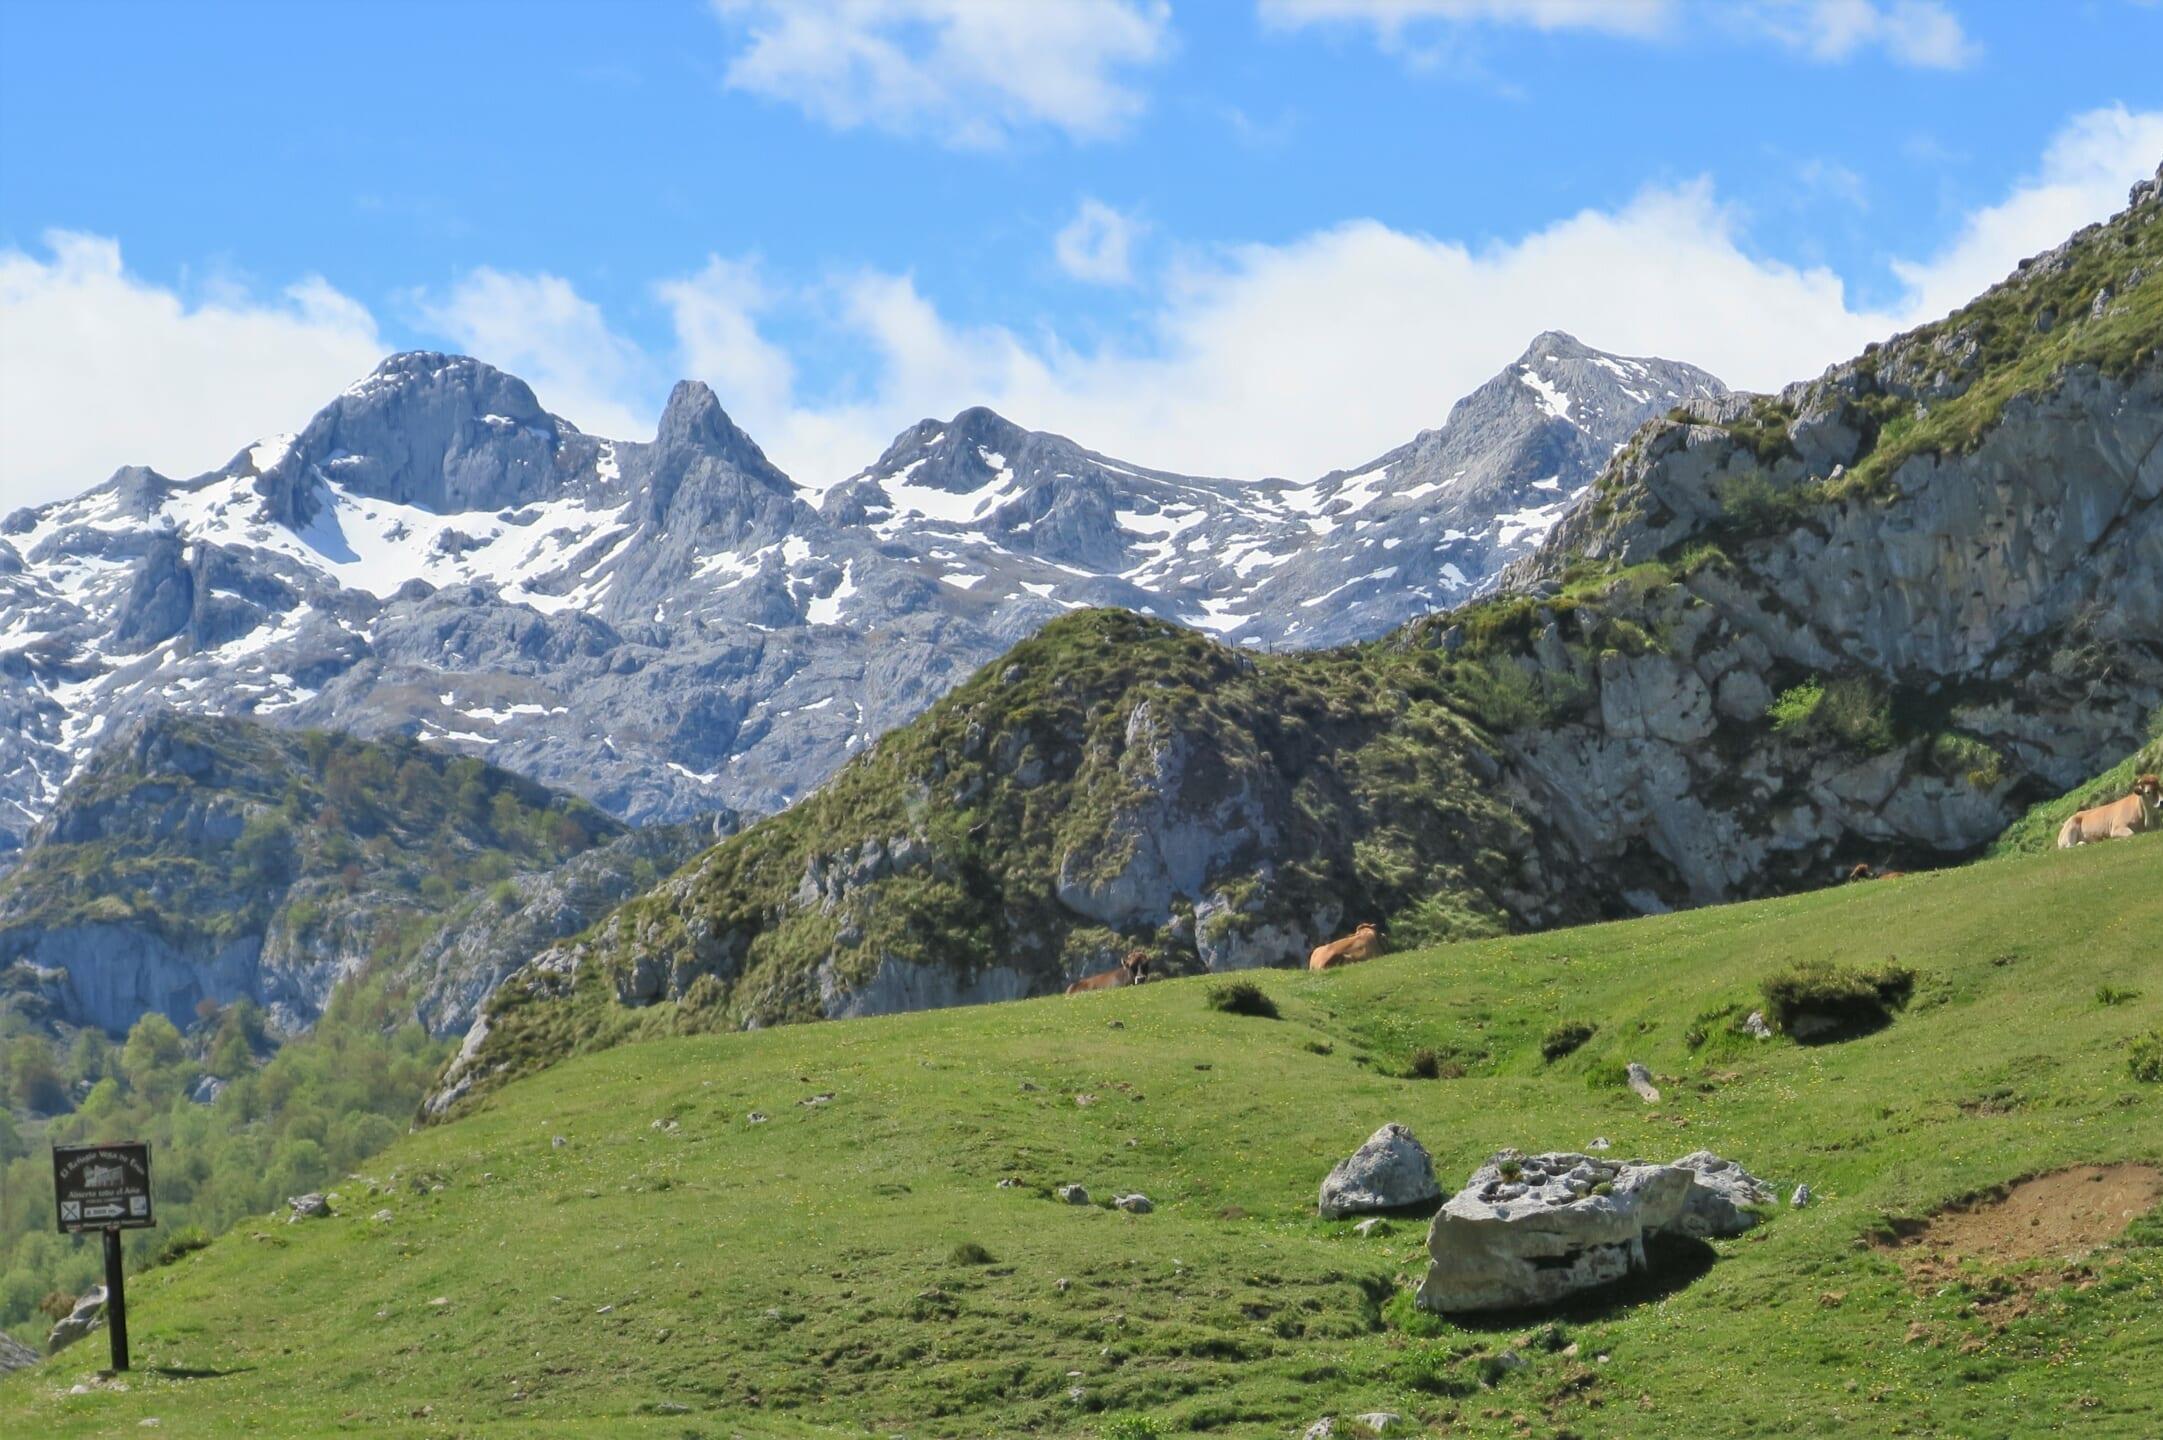 北スペインの観光スポットであるピコス・デ・エウロパ国立公園